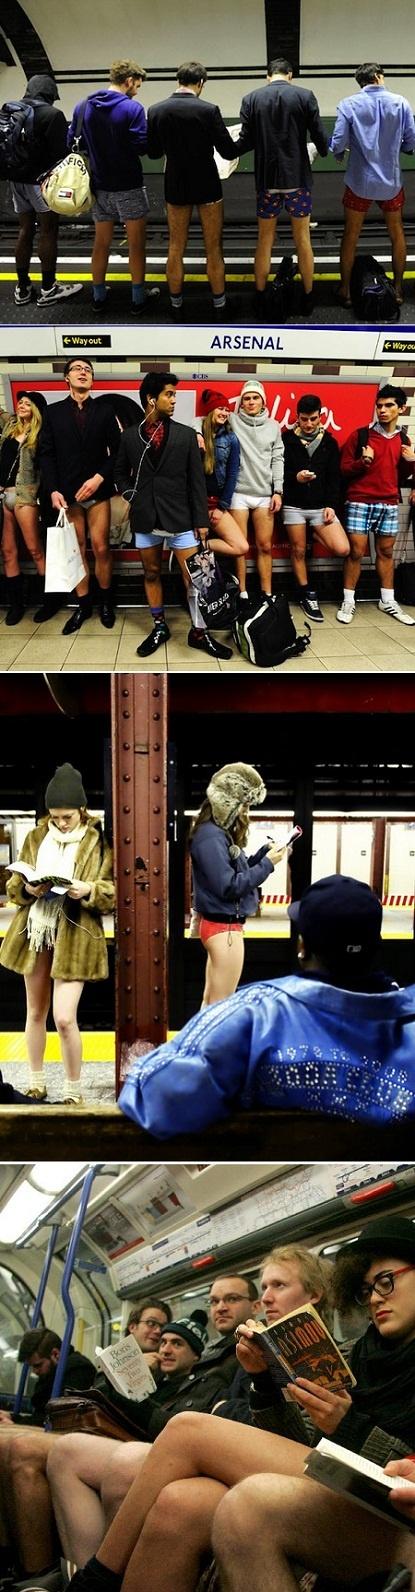 Cheeky:) No pants subway ride!!!